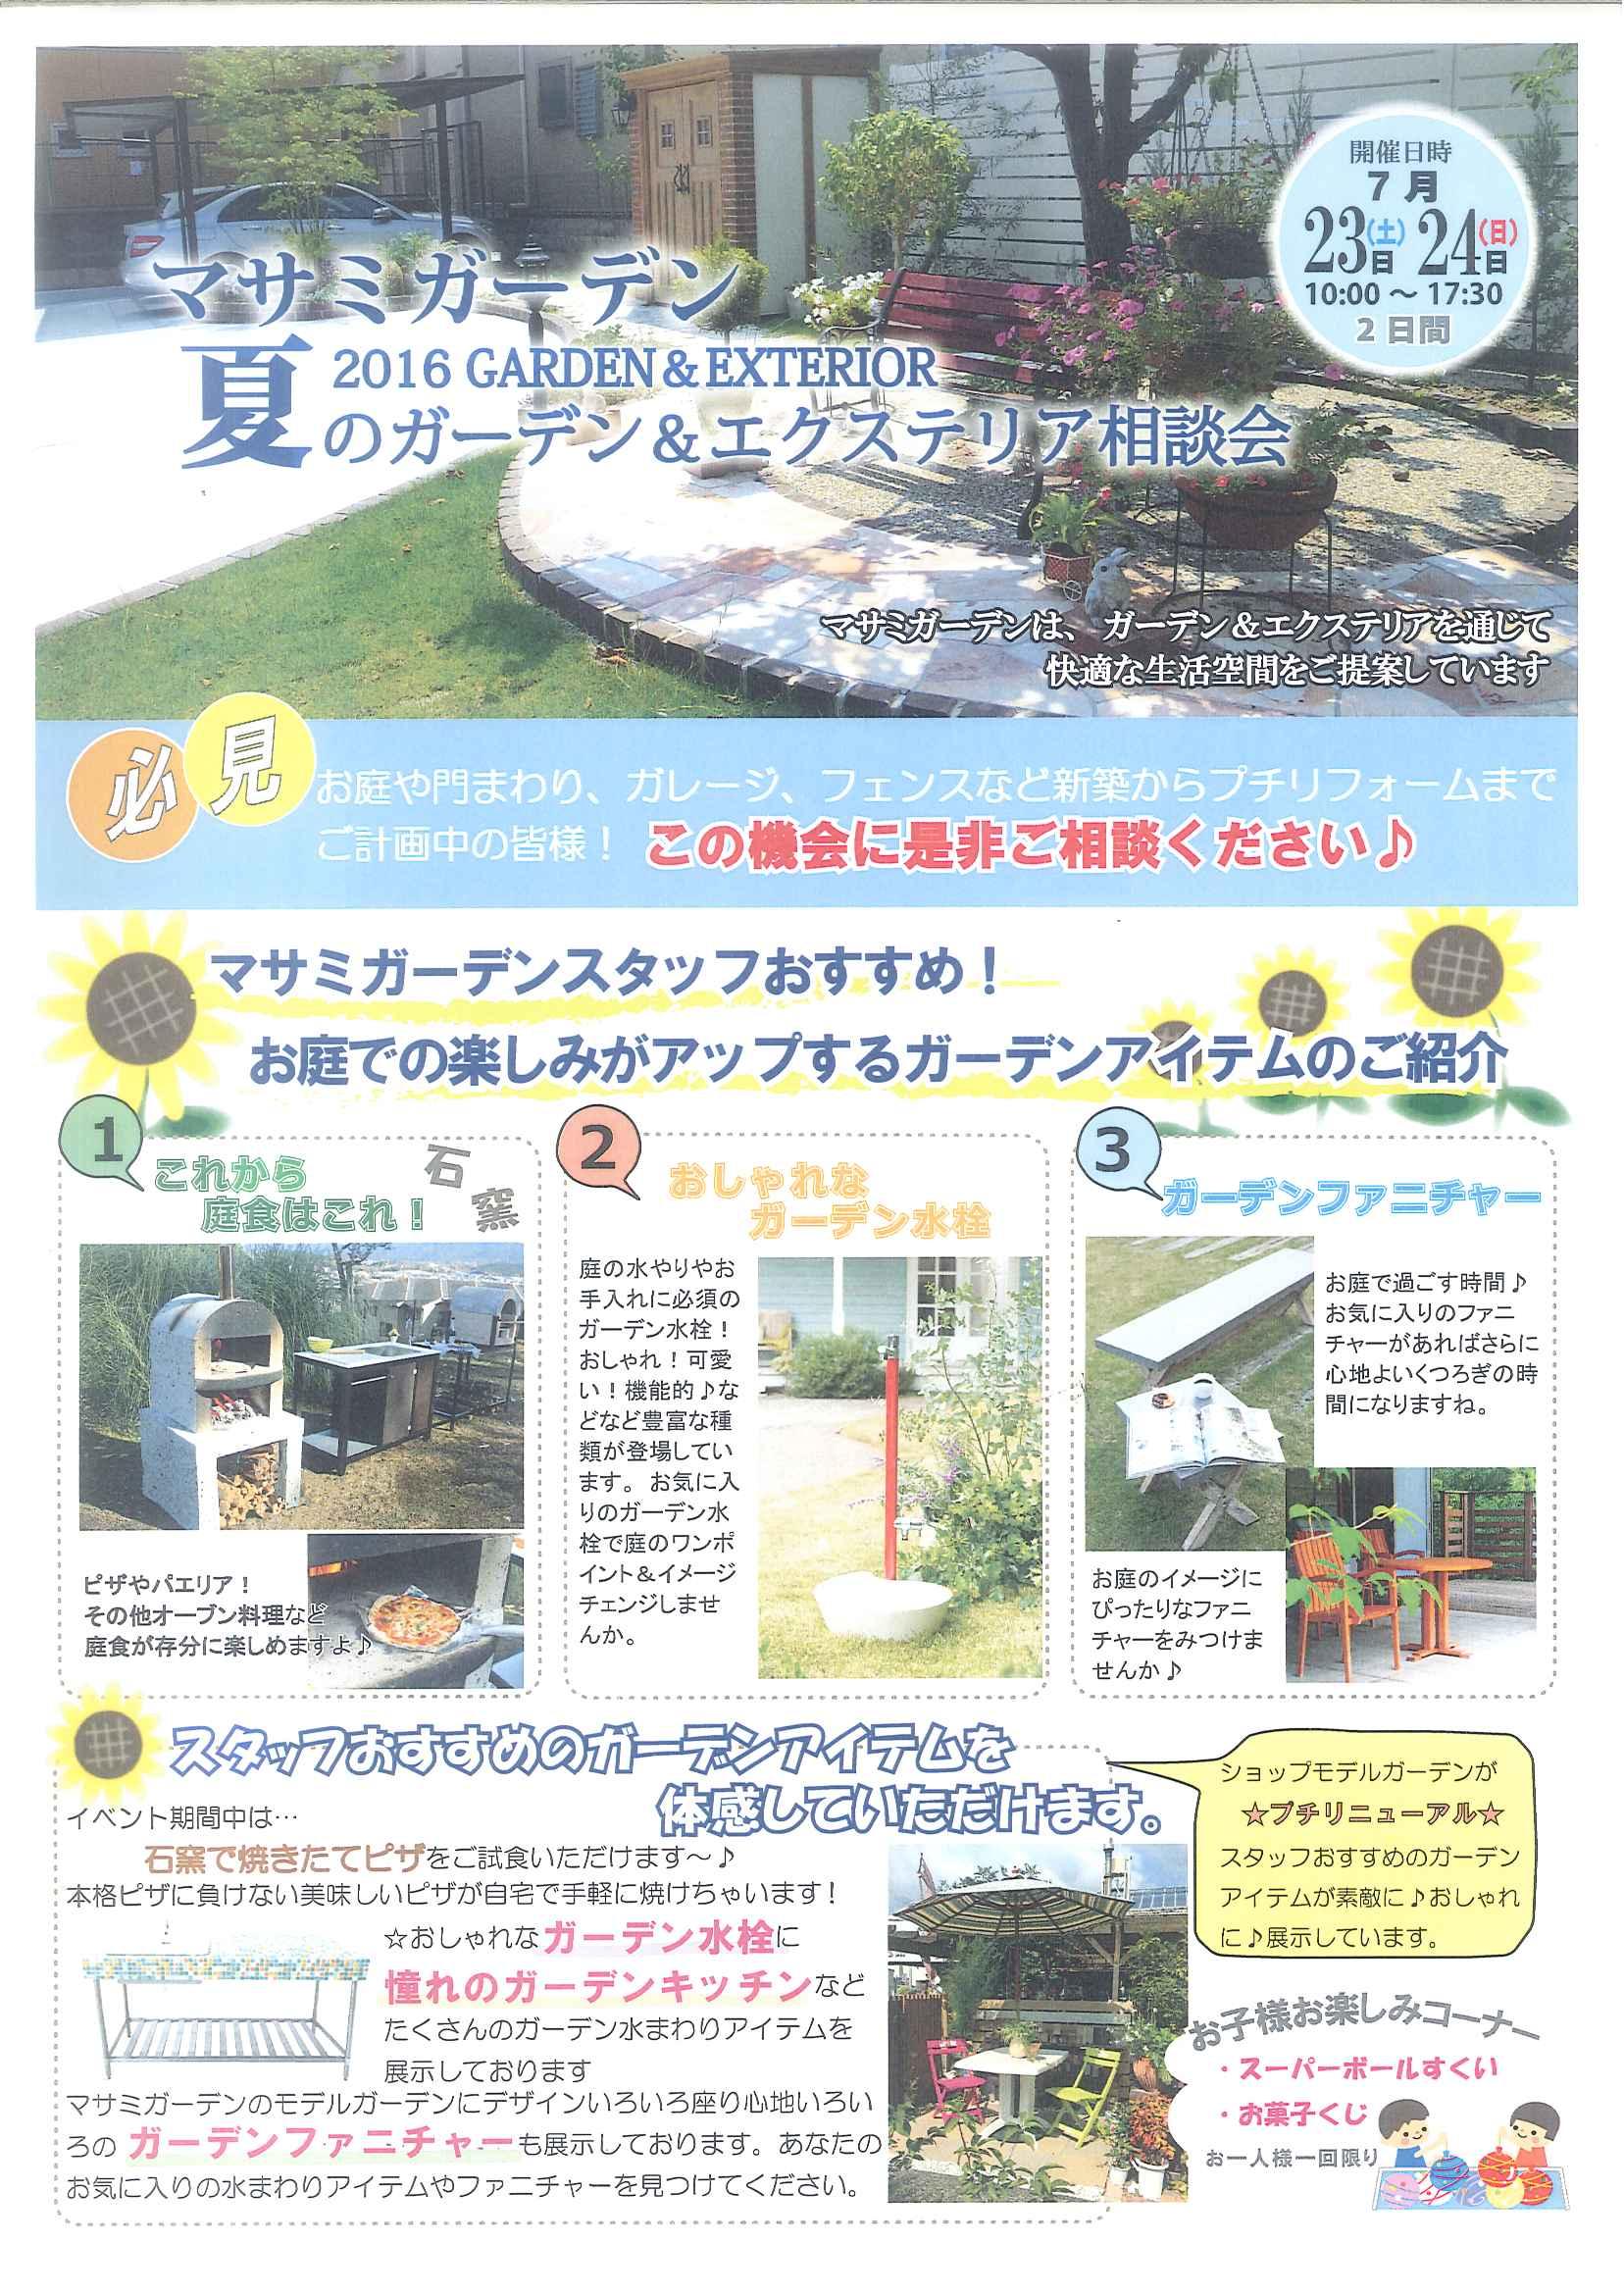 ★夏ガーデン&エクステリア相談会★_e0128446_15382362.jpg